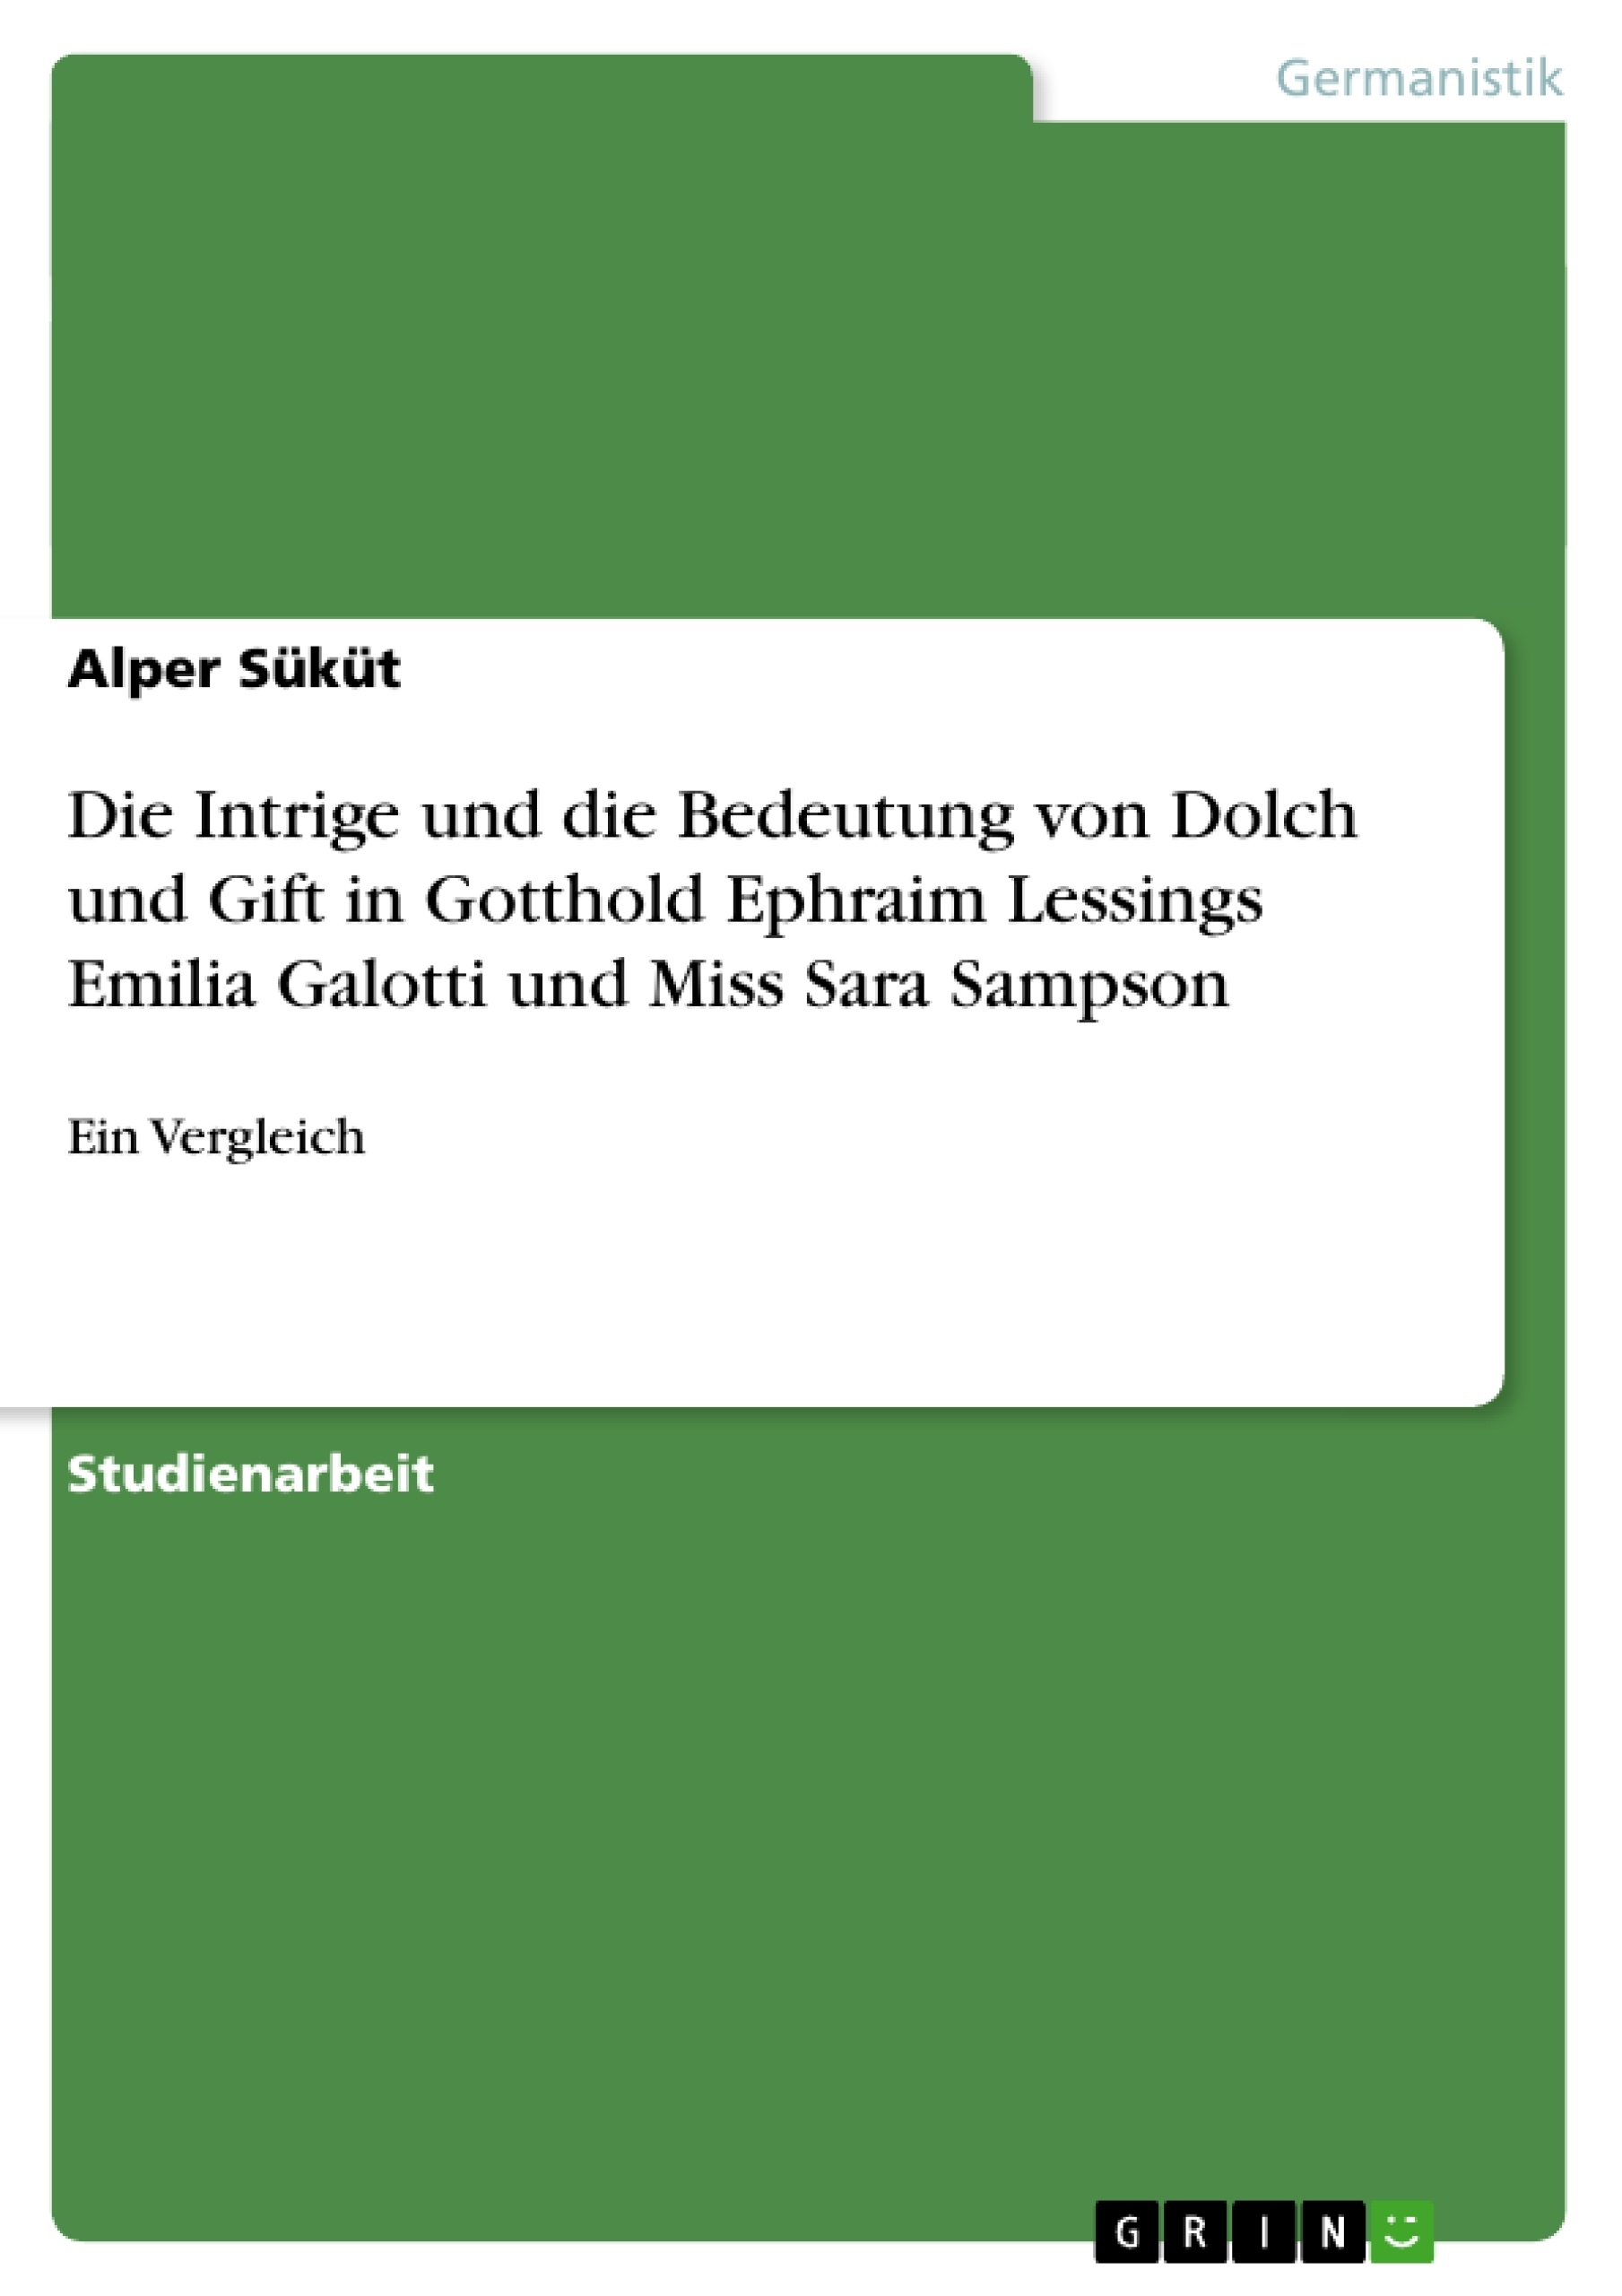 Titel: Die Intrige und die Bedeutung von Dolch und Gift in Gotthold Ephraim Lessings Emilia Galotti und Miss Sara Sampson